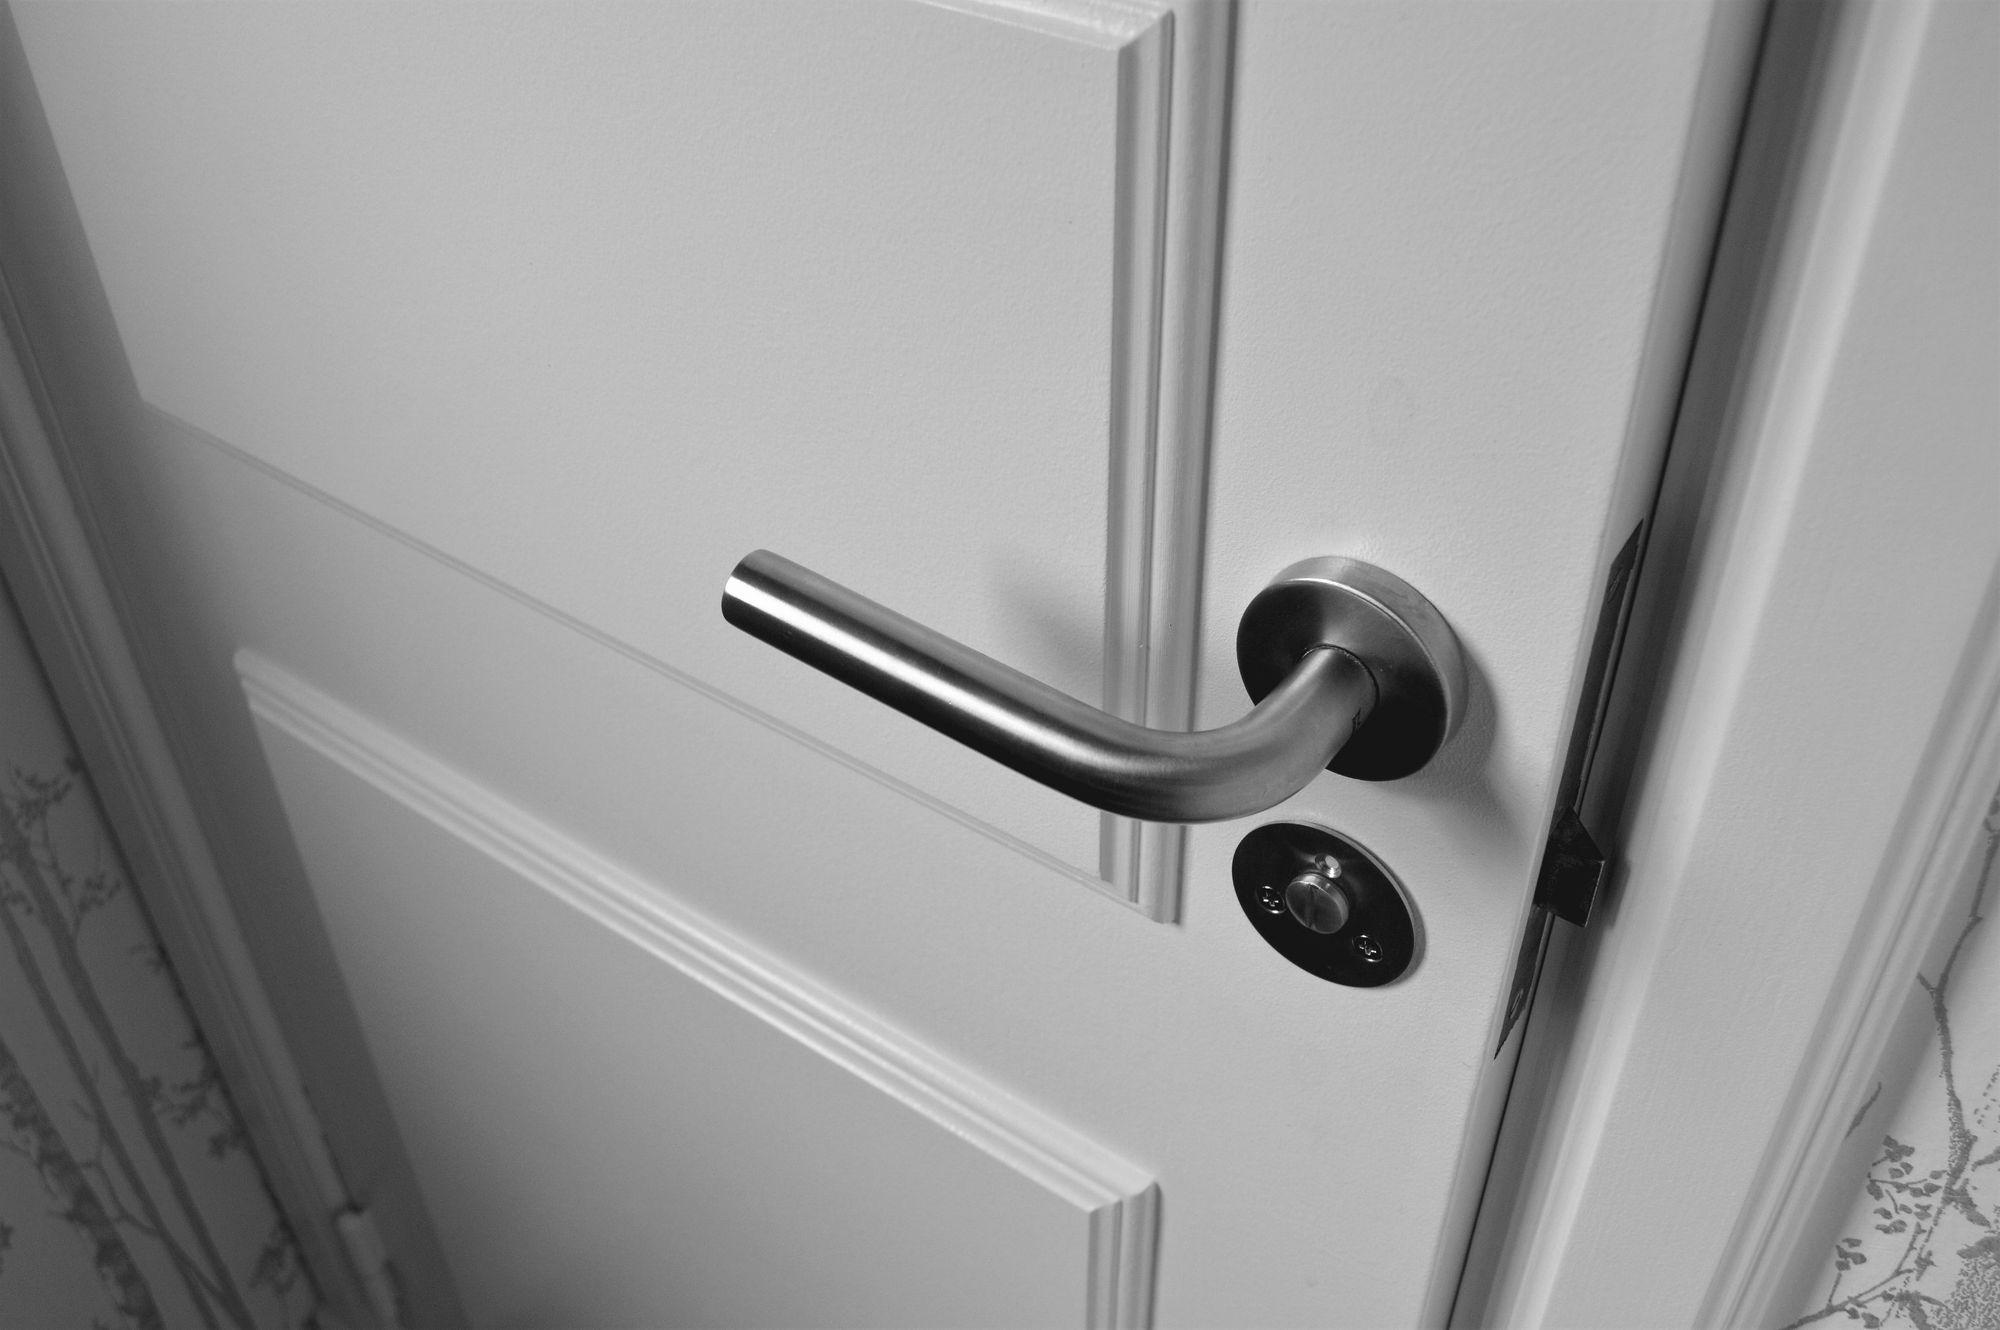 Czego potrzebujesz do montażu drzwi?